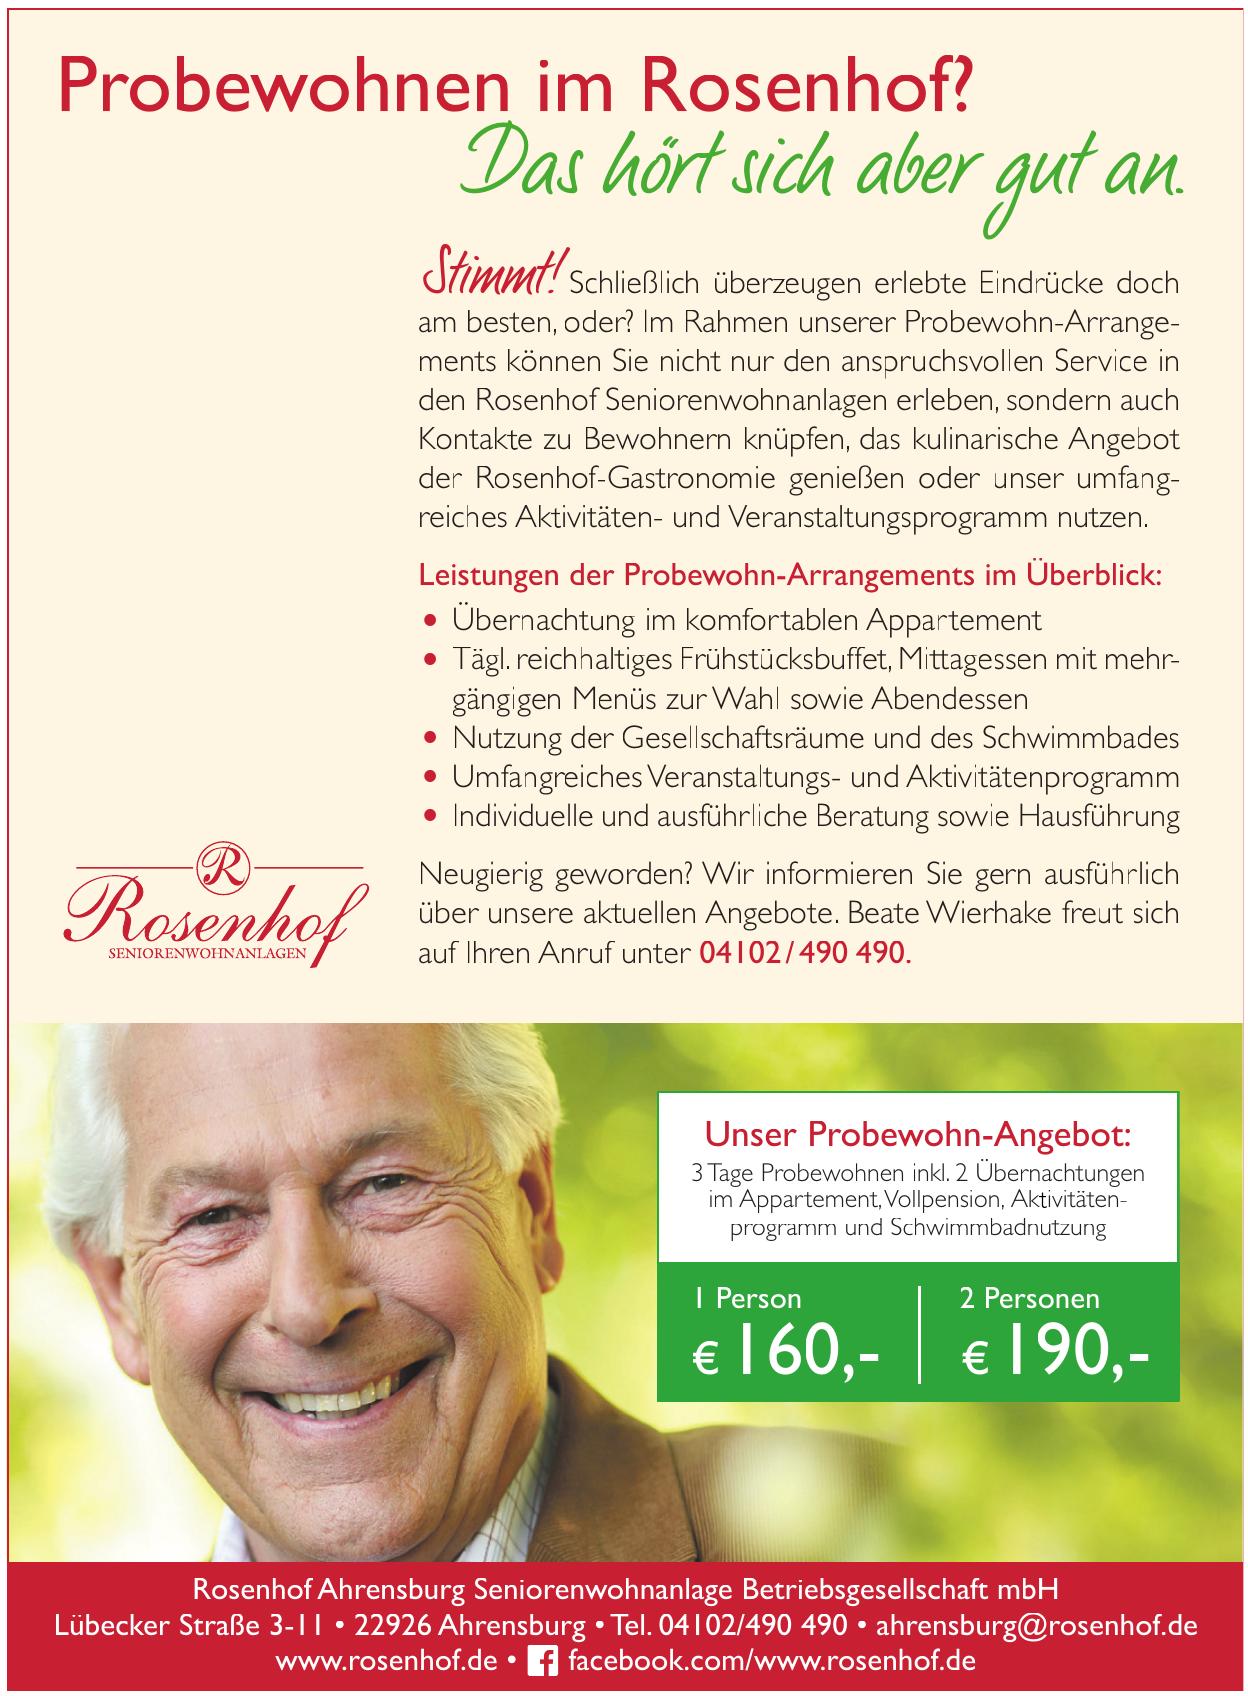 Rosenhof Ahrensburg Seniorenwohnanlage Betriebsgesellschaft mbH